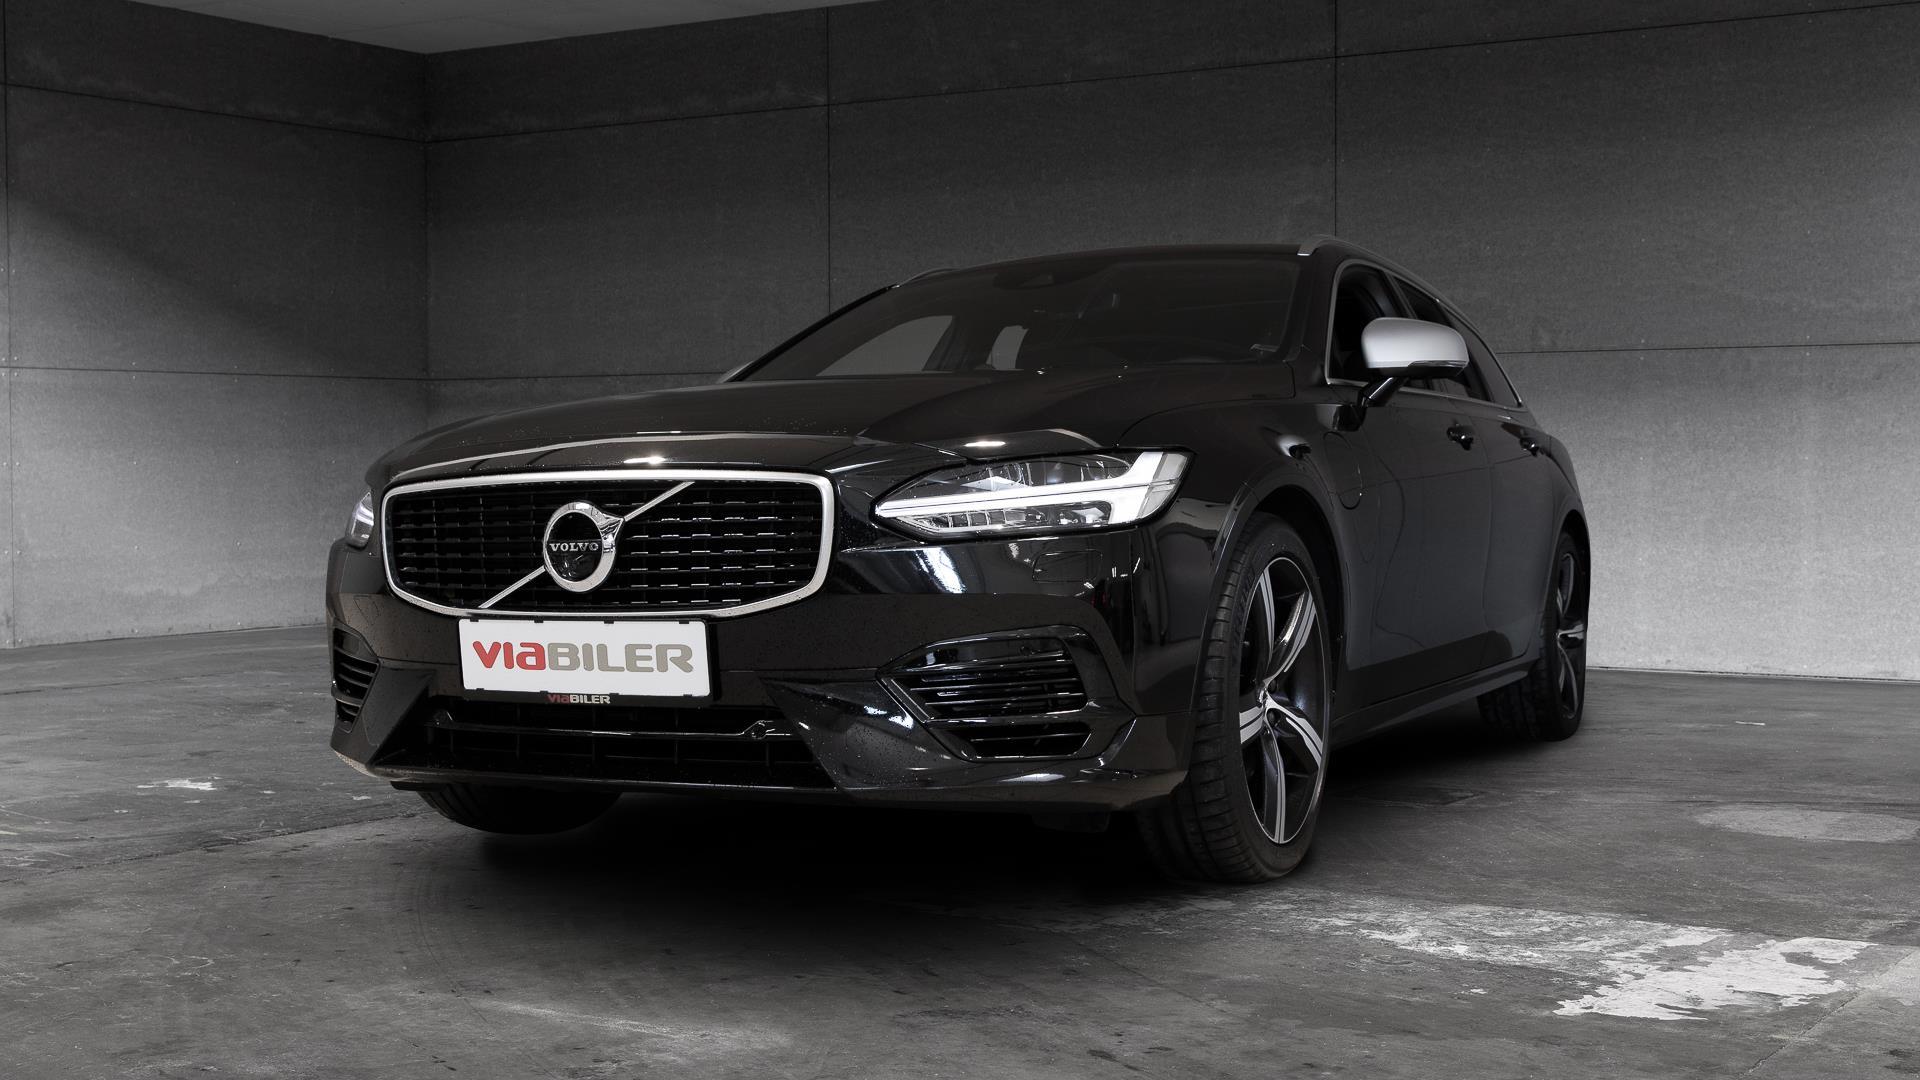 Billede af Volvo V90 2,0 T8 Twin Engine R-design AWD 390HK Stc 8g Aut.